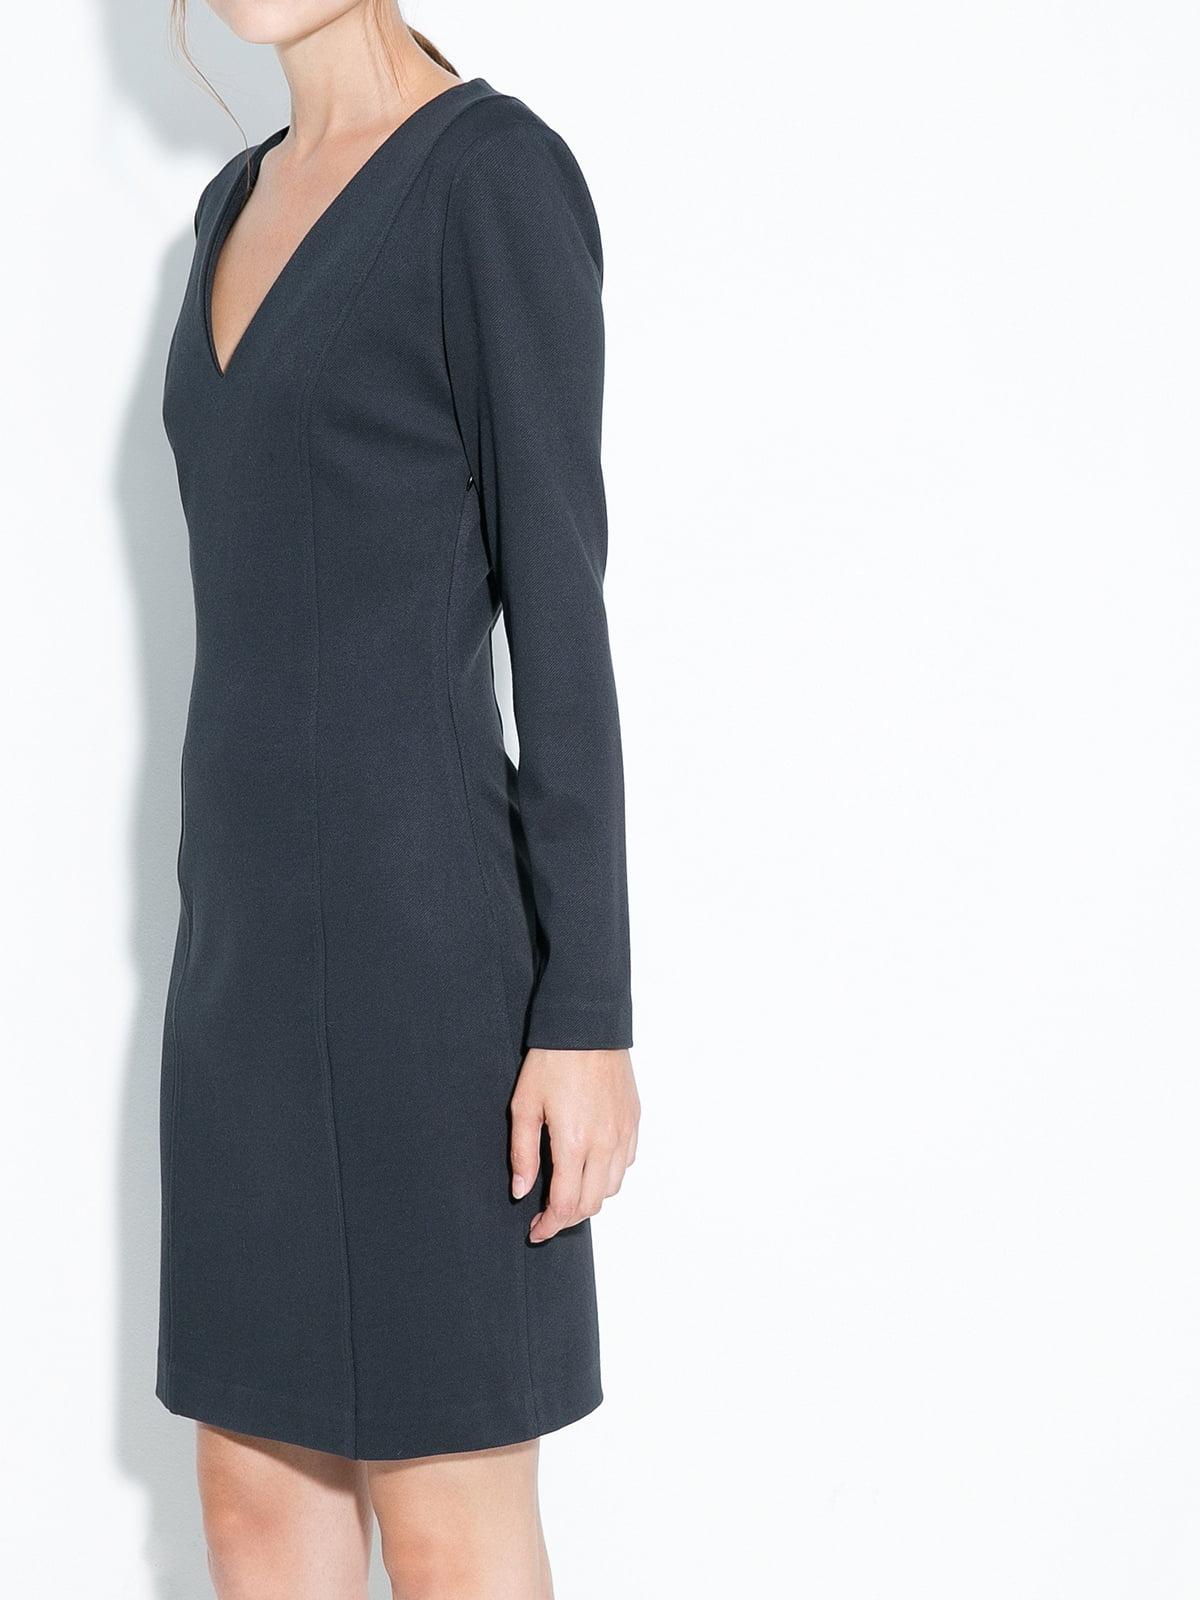 Платье темно-серое   5240465